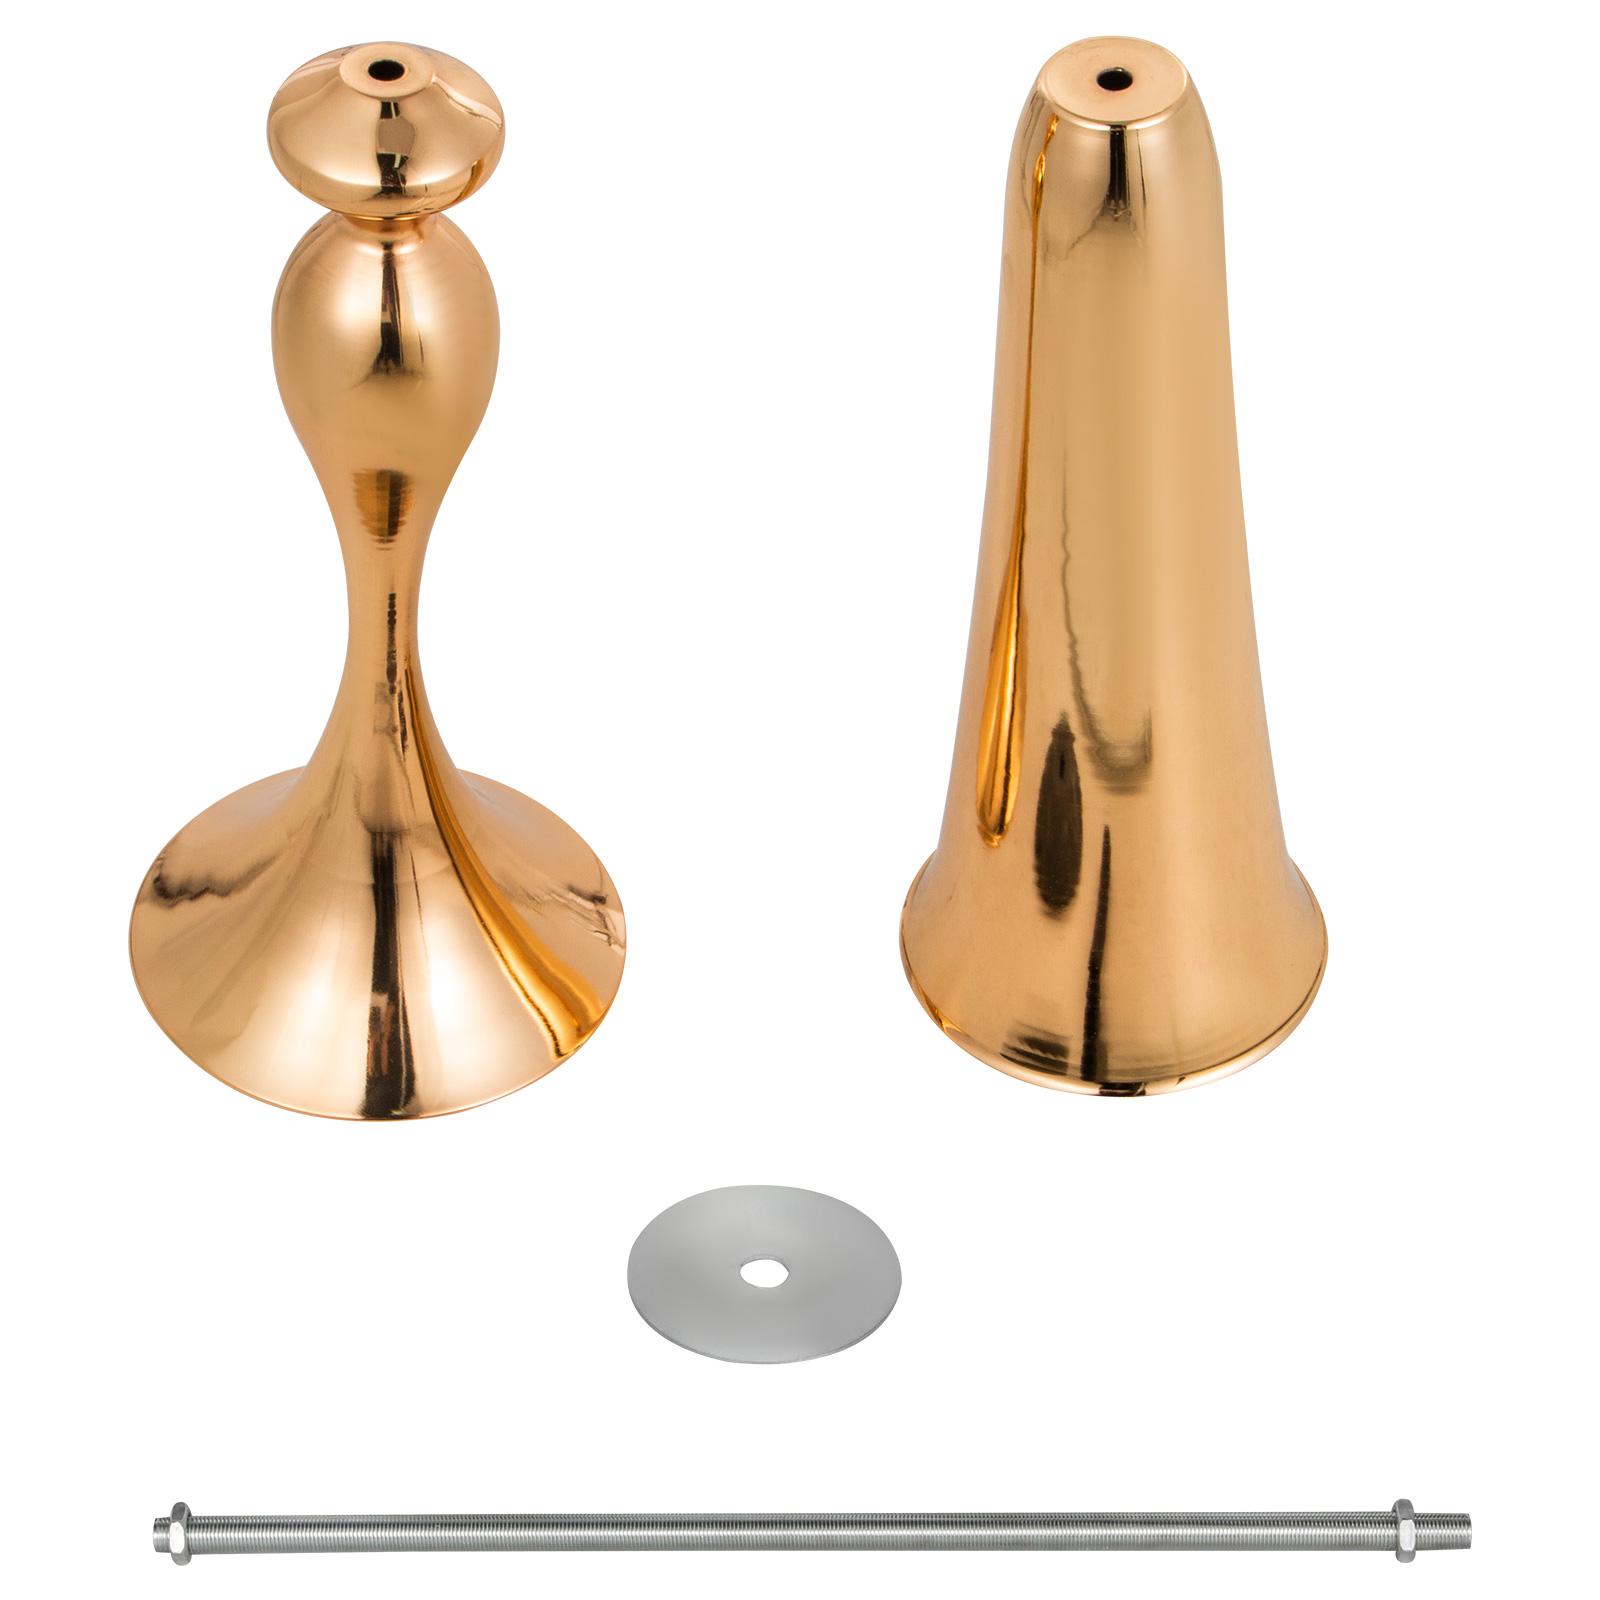 Trumpet-Vase-Flower-Vases-Centerpiece-29-5-034-22-034-for-Party-Celebration-Events thumbnail 57